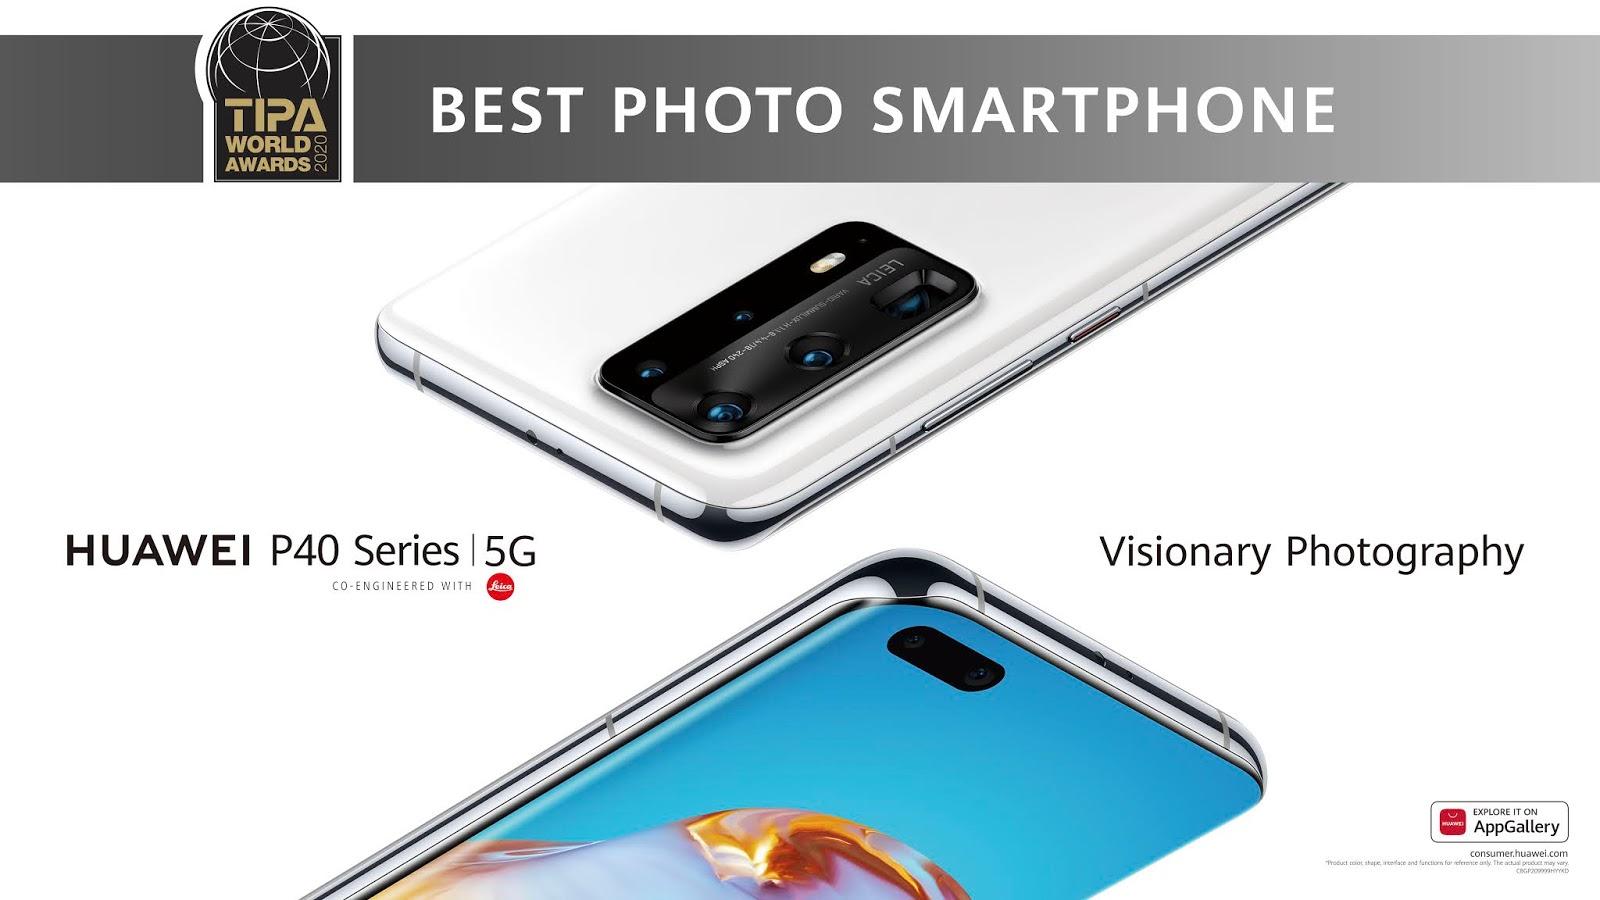 Tipa reconoce a la serie P40 de Huawei como el mejor smartphone para fotografía del 2020